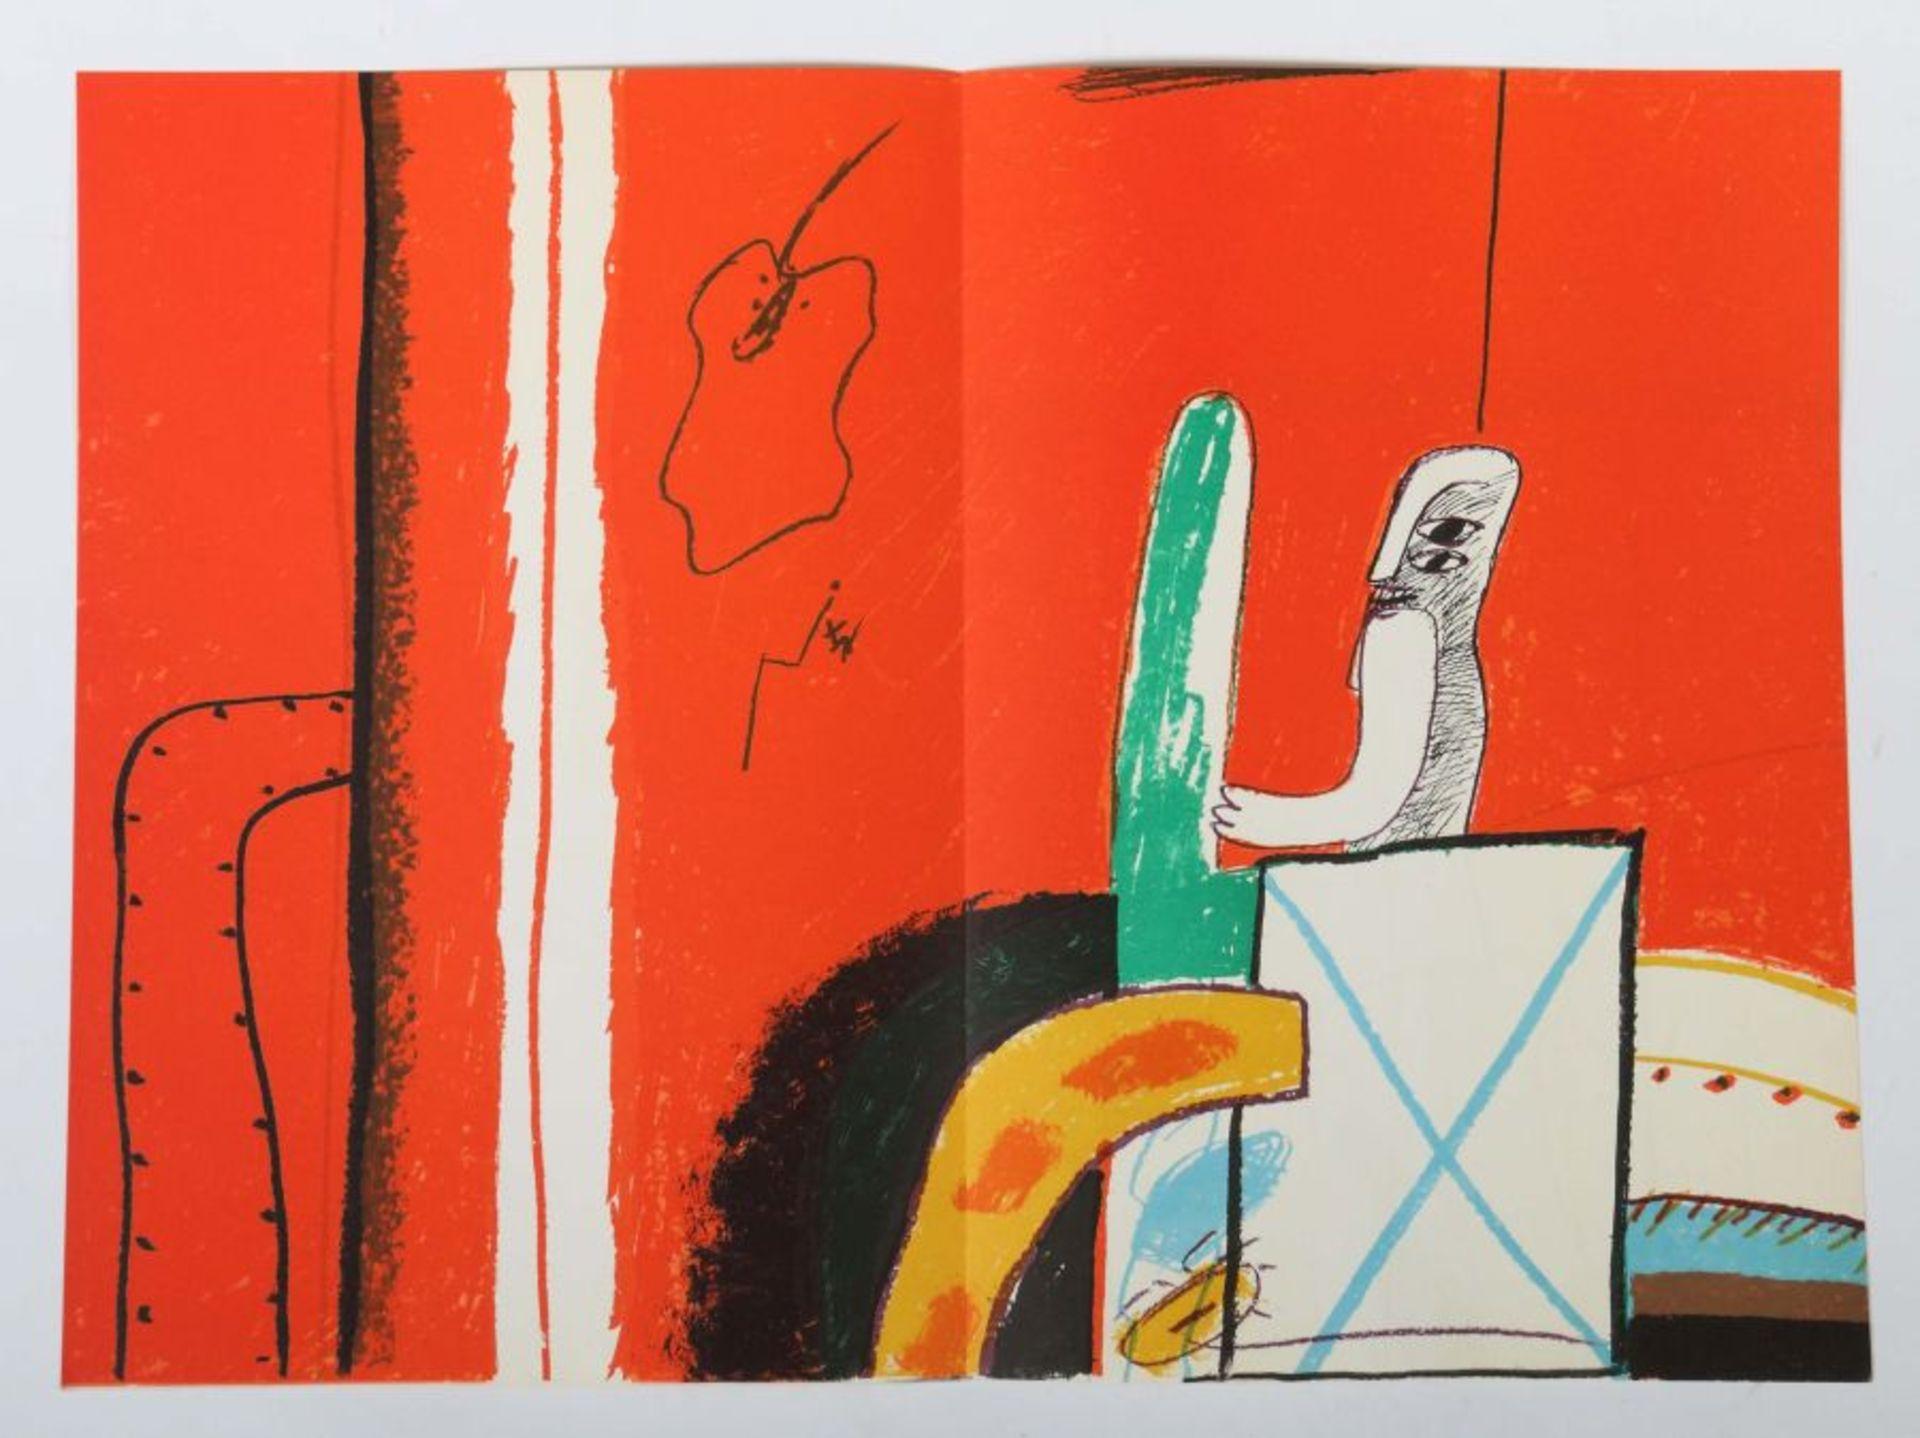 Antes, Horst Geh durch den Spiegel, Folge 36, Bilder aus Florenz und Rom, 1963, Auflage: 250 - Bild 3 aus 4